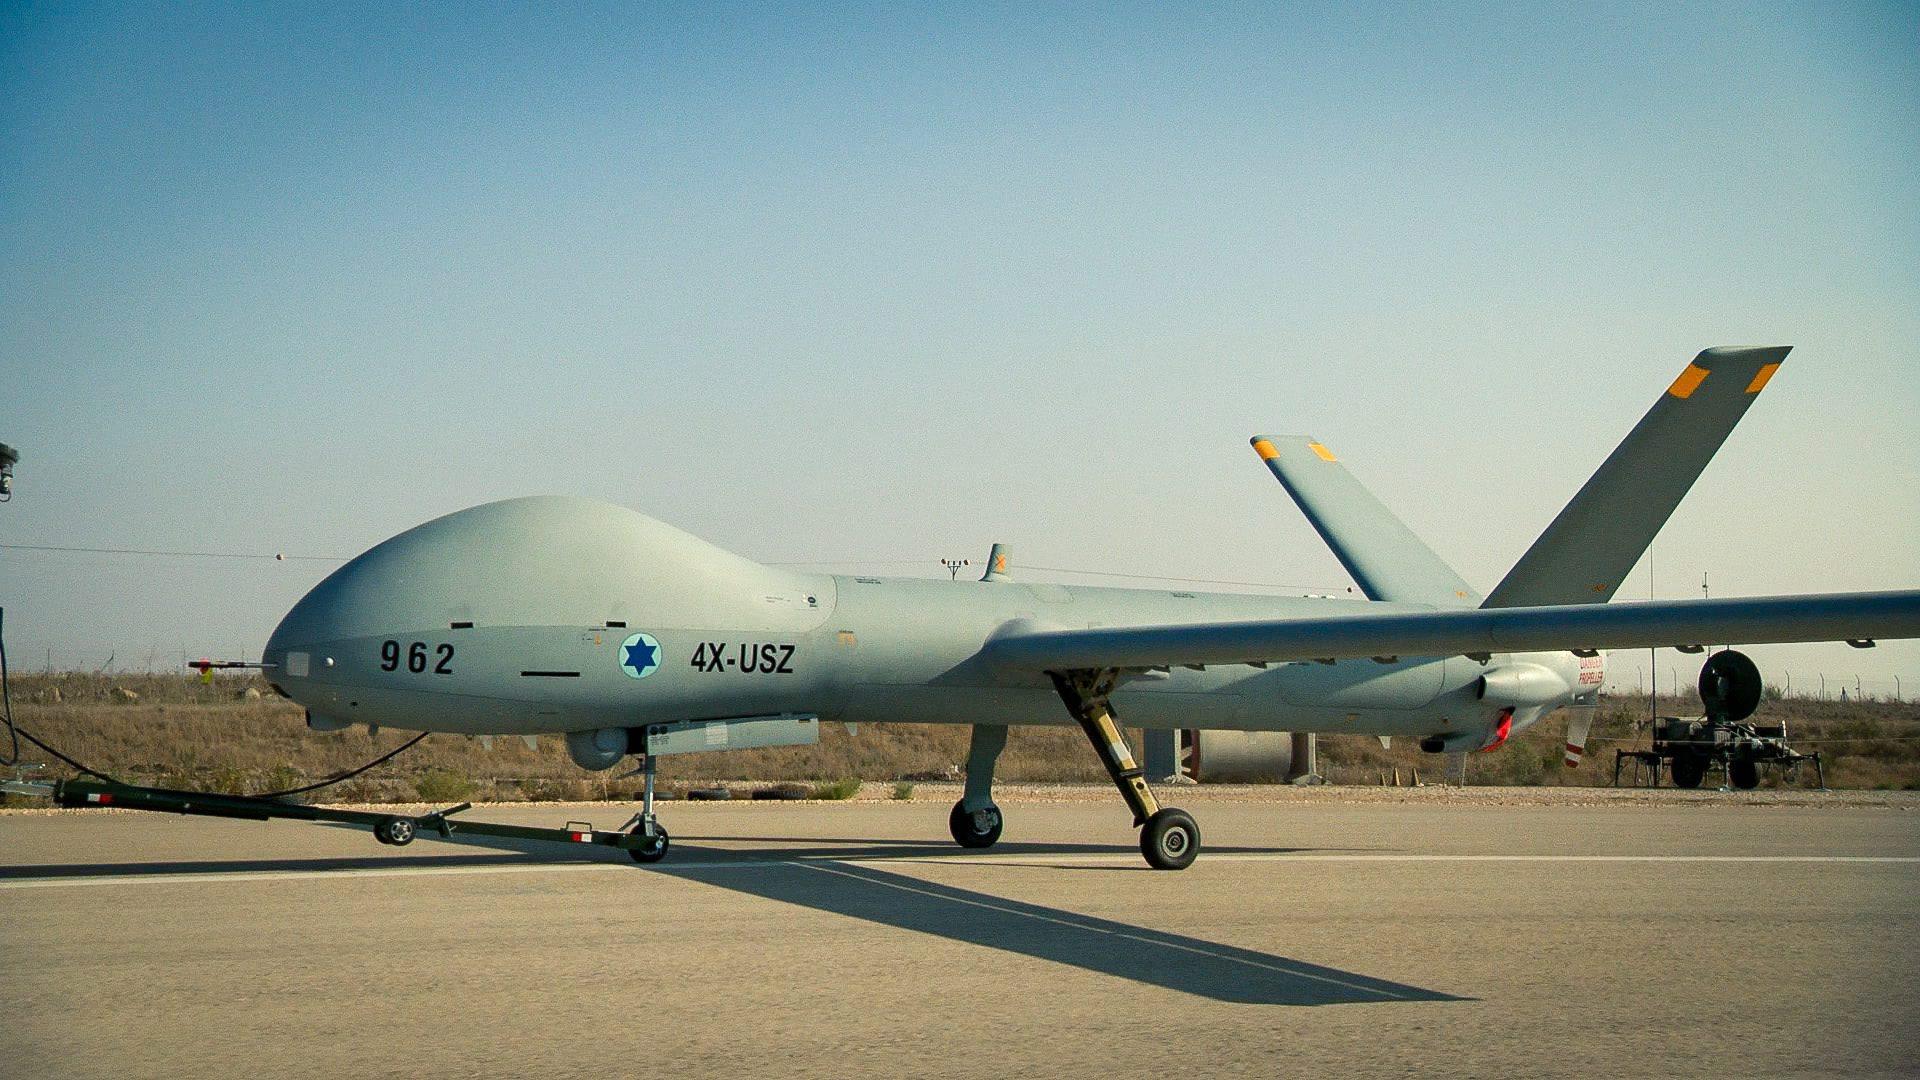 طائرات بدون طيار استخدمت لأول مرة، 600 قذيفة مدفعية خلال التورط في الشجاعية